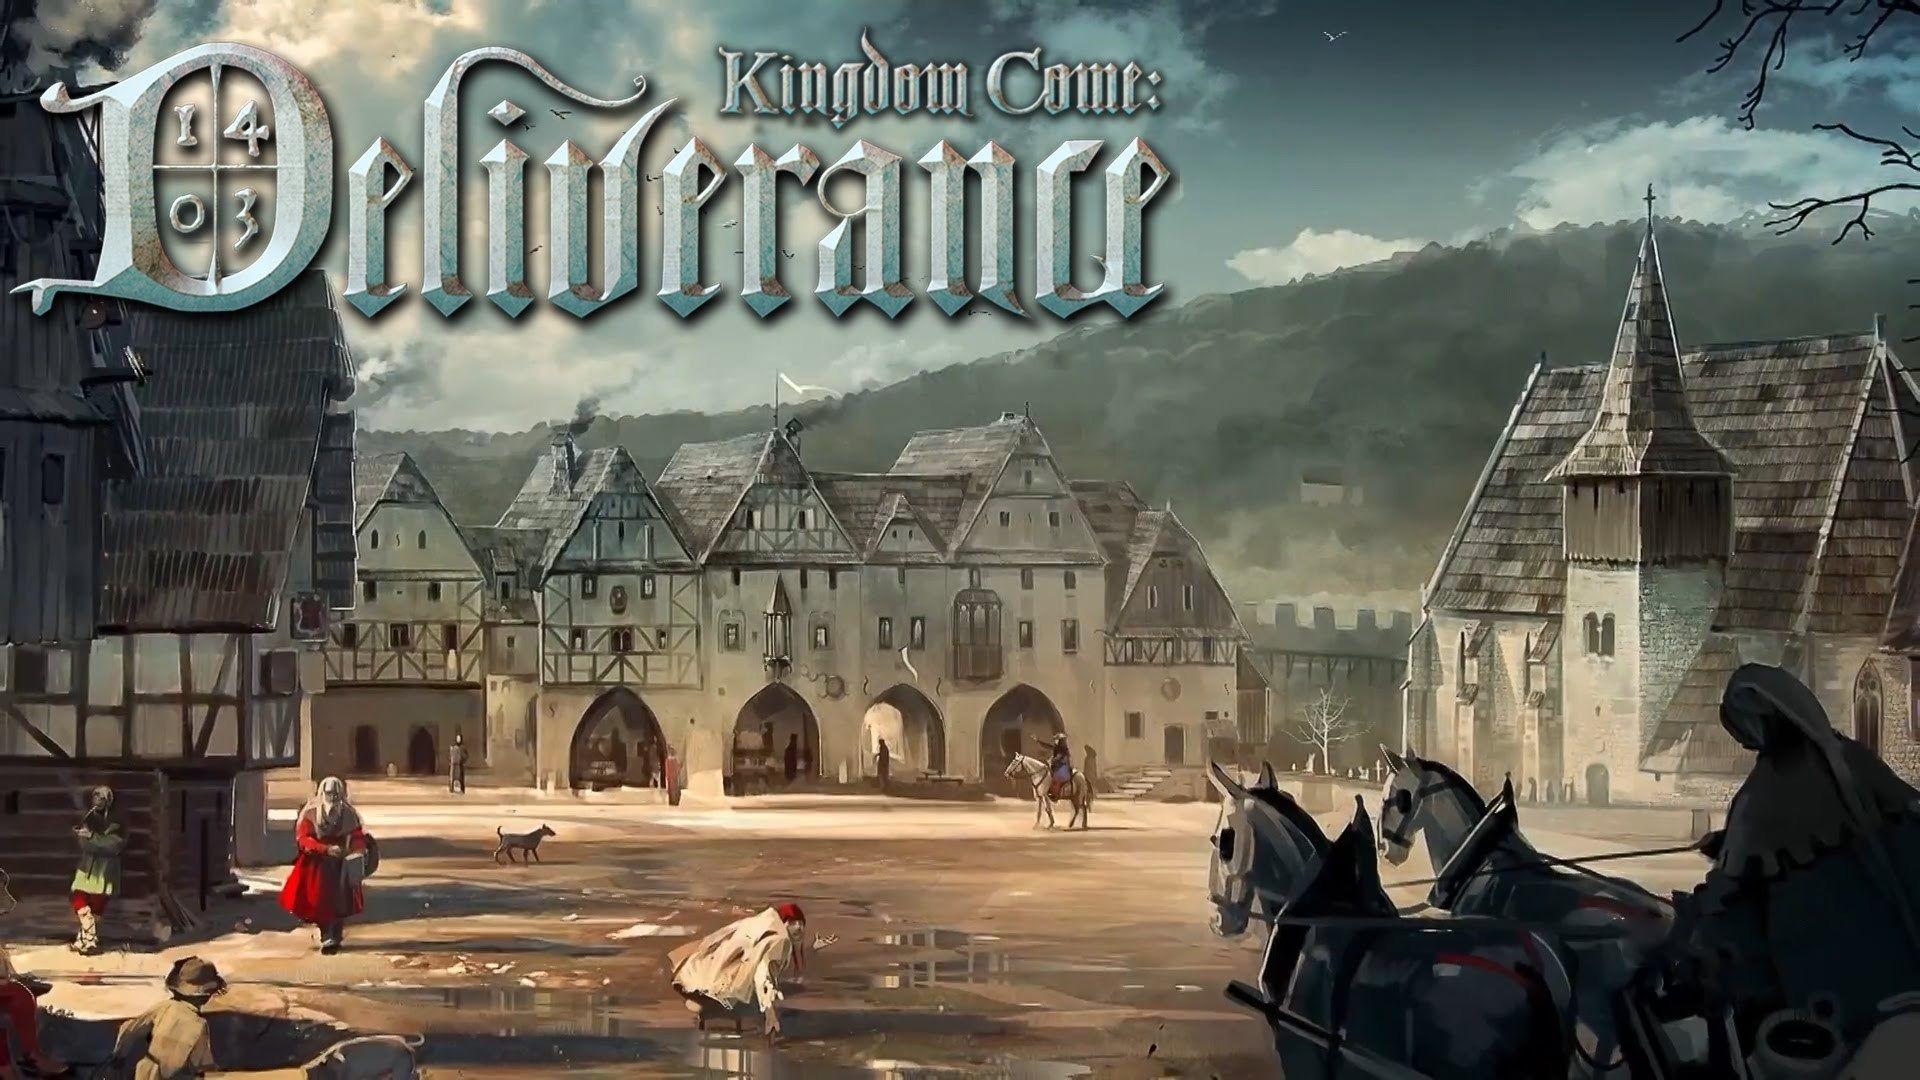 hd kingdom come deliverance wallpaper | Kingdom come ...